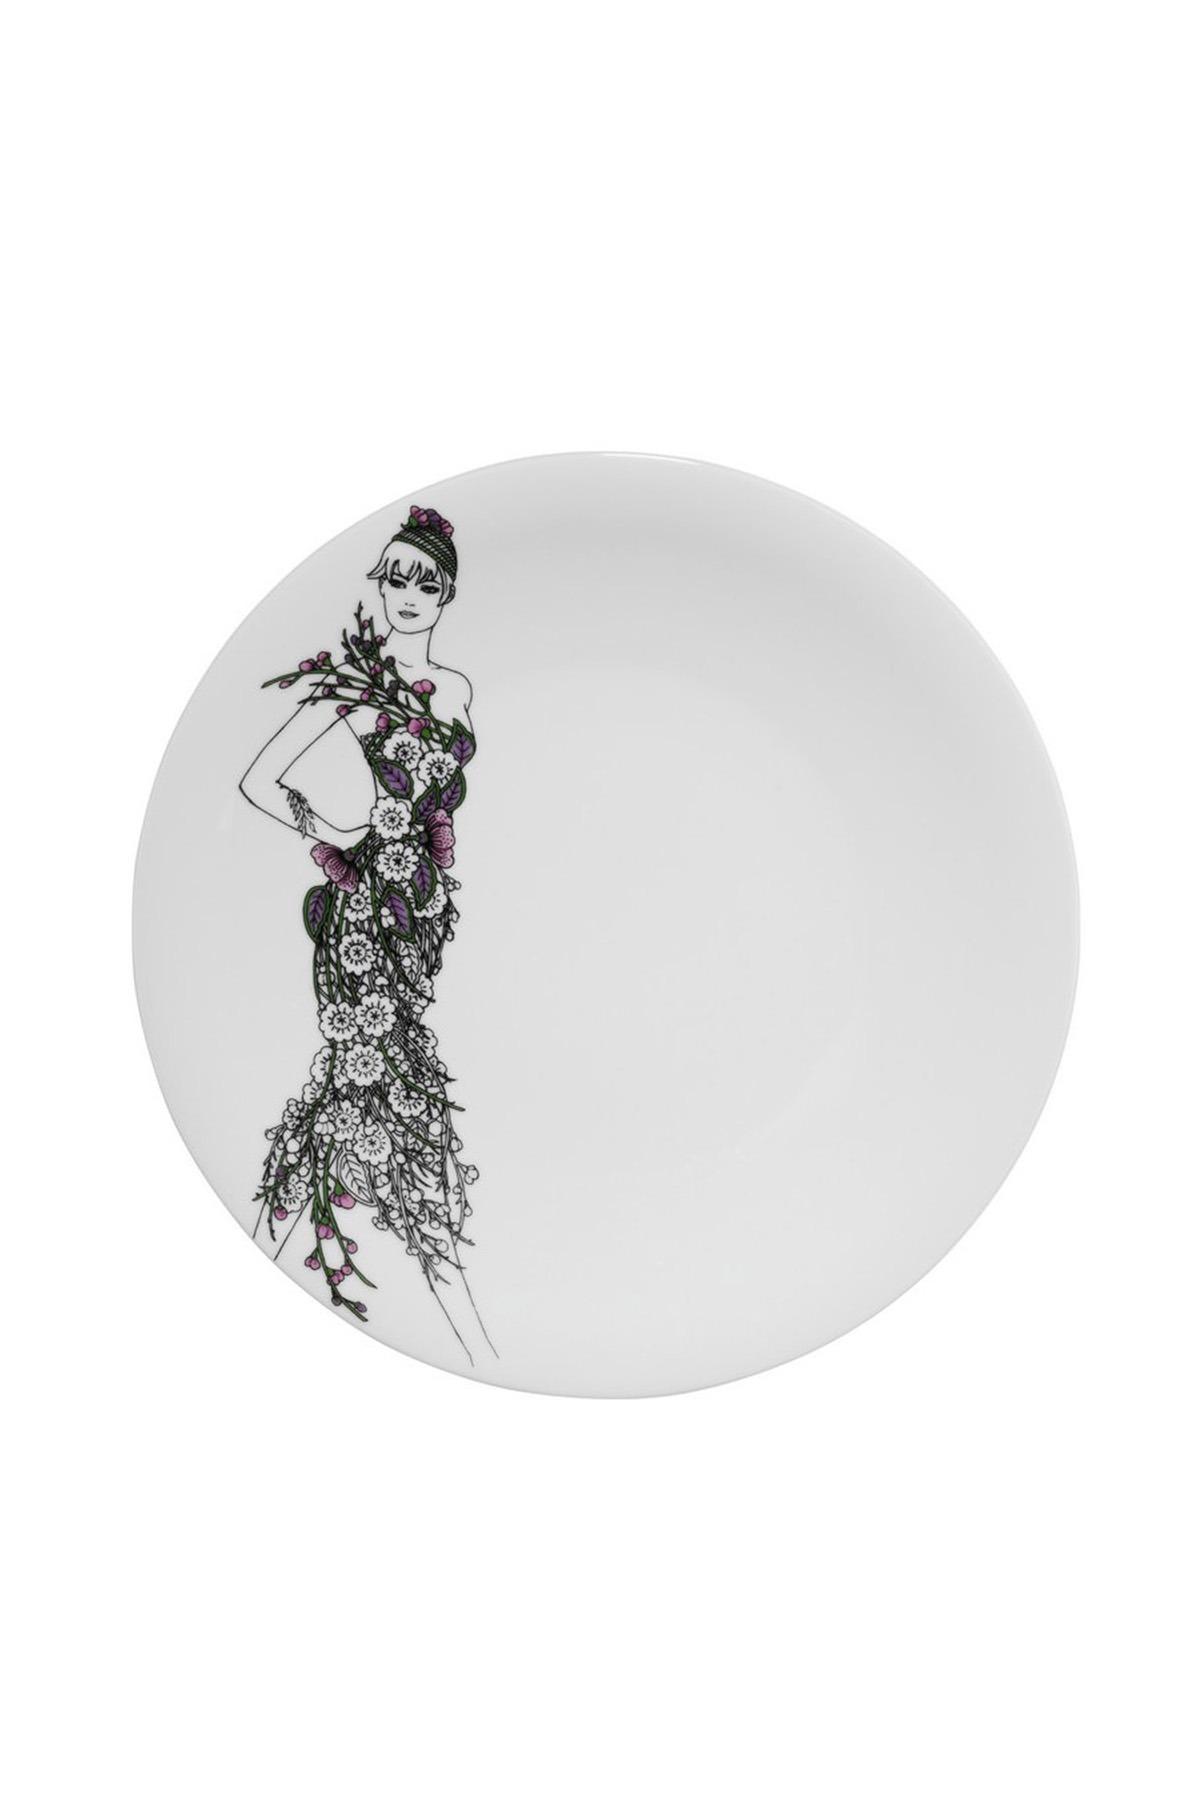 Kütahya Porselen - Kütahya Porselen Kadınlarım Serisi 9438 Desen Servis Tabağı